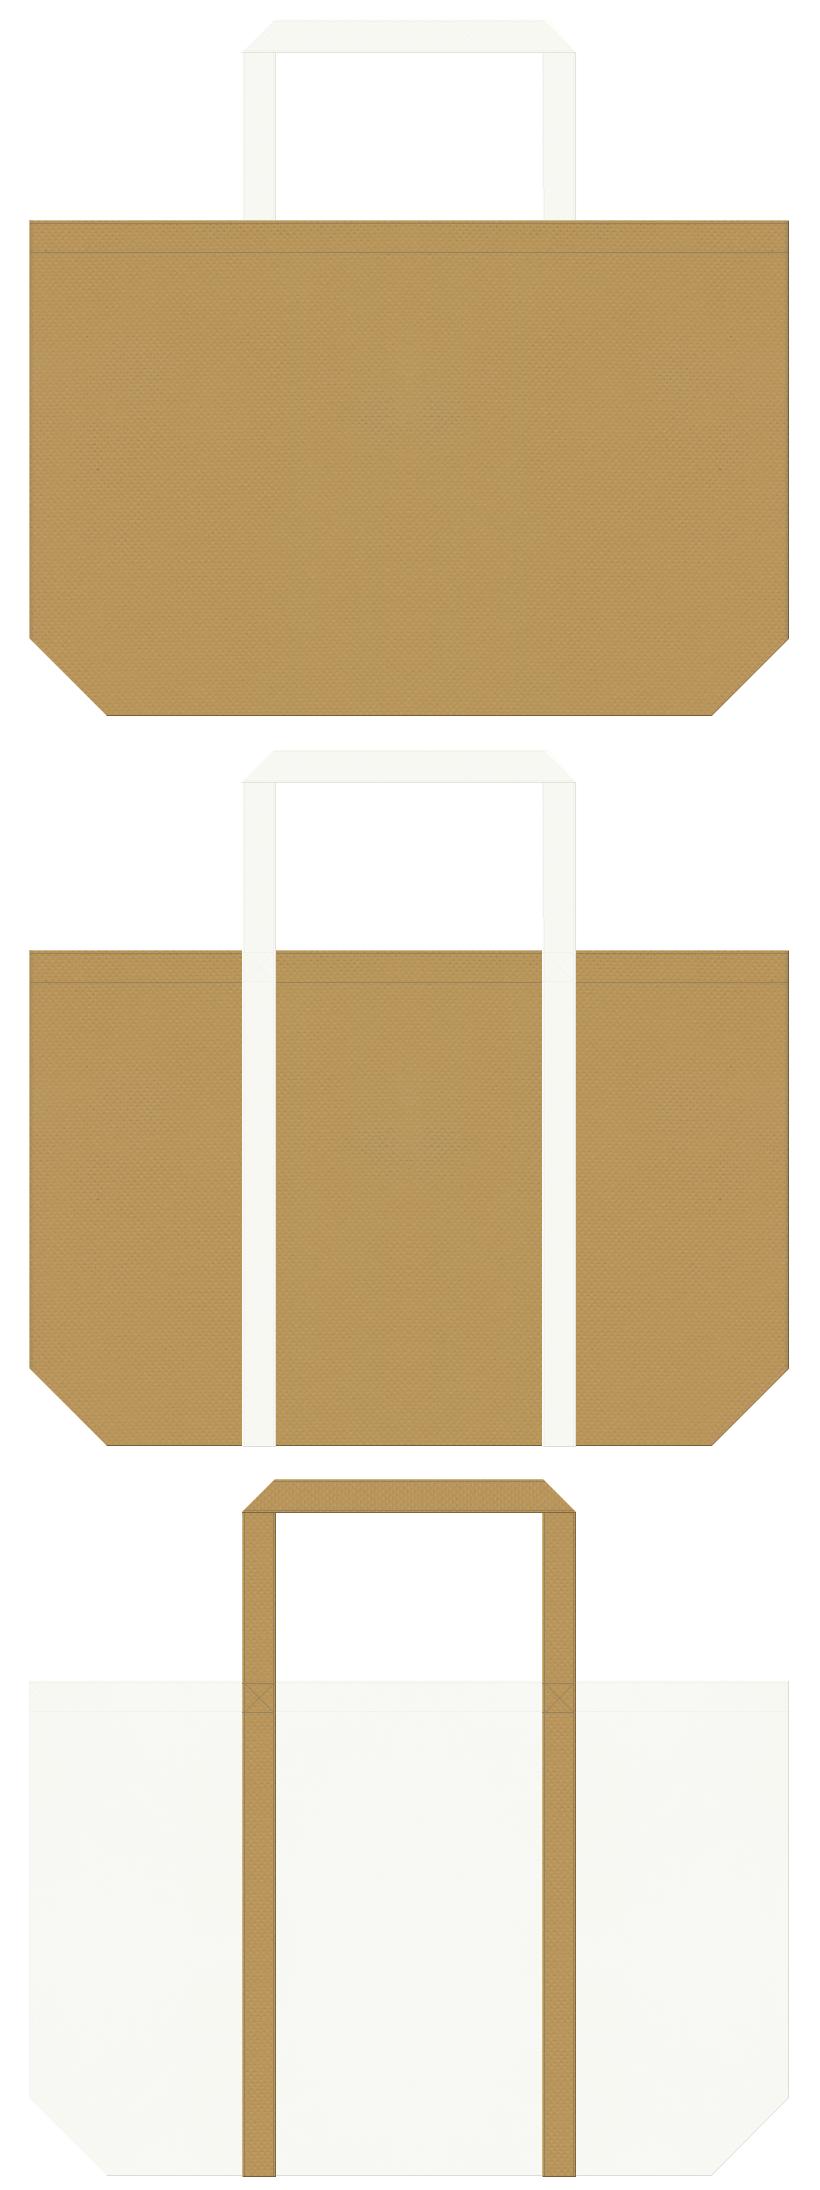 餃子・シューマイ・中華饅頭・うどん・ドッグフード・キャットフード・食のイベント・カフェオレ・コーヒーロール・スイーツのショッピングバッグにお奨めの不織布バッグデザイン:金黄土色とオフホワイト色のコーデ